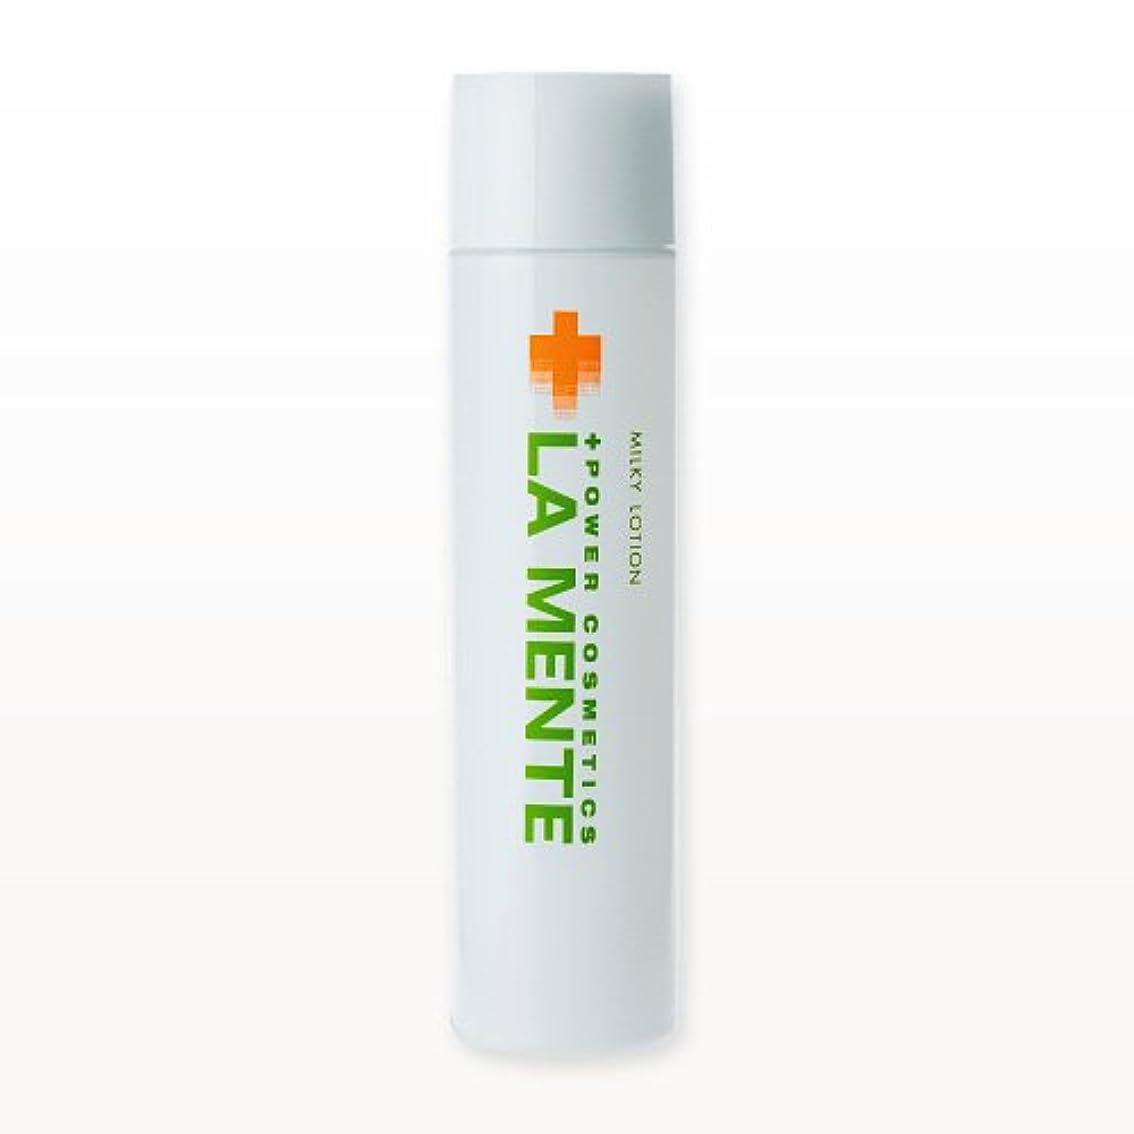 機会フレームワーク臭いラメンテ(LA MENTE) 薬用 ミルキィローション 150mL 美白&保湿ローション